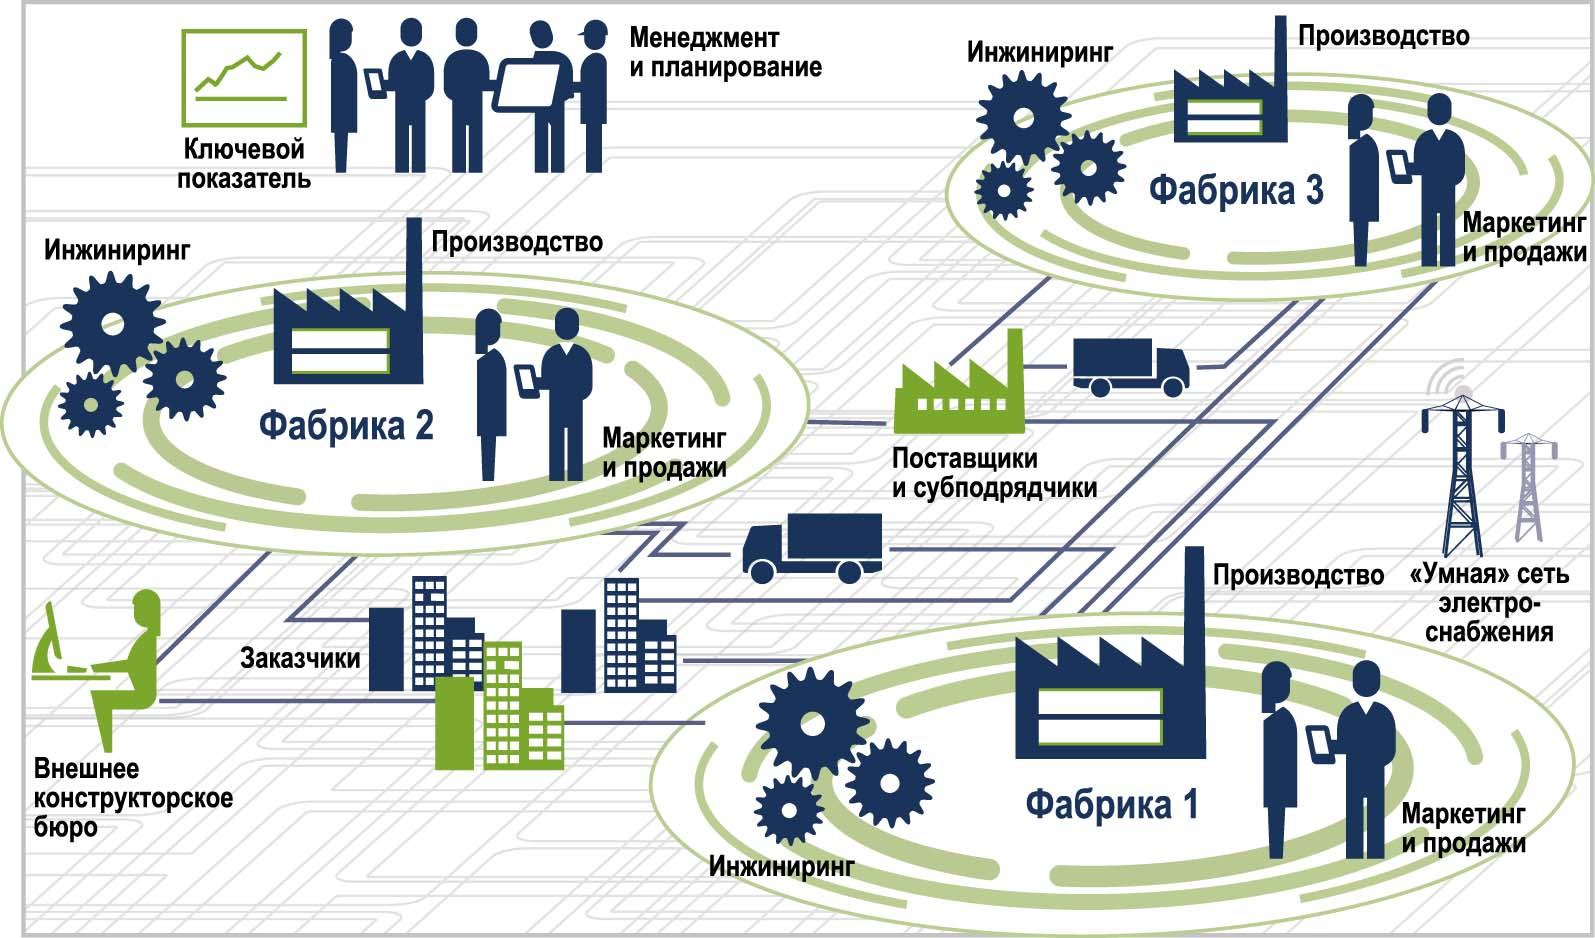 Горизонтальная интеграция в  «Индустрии 4.0»